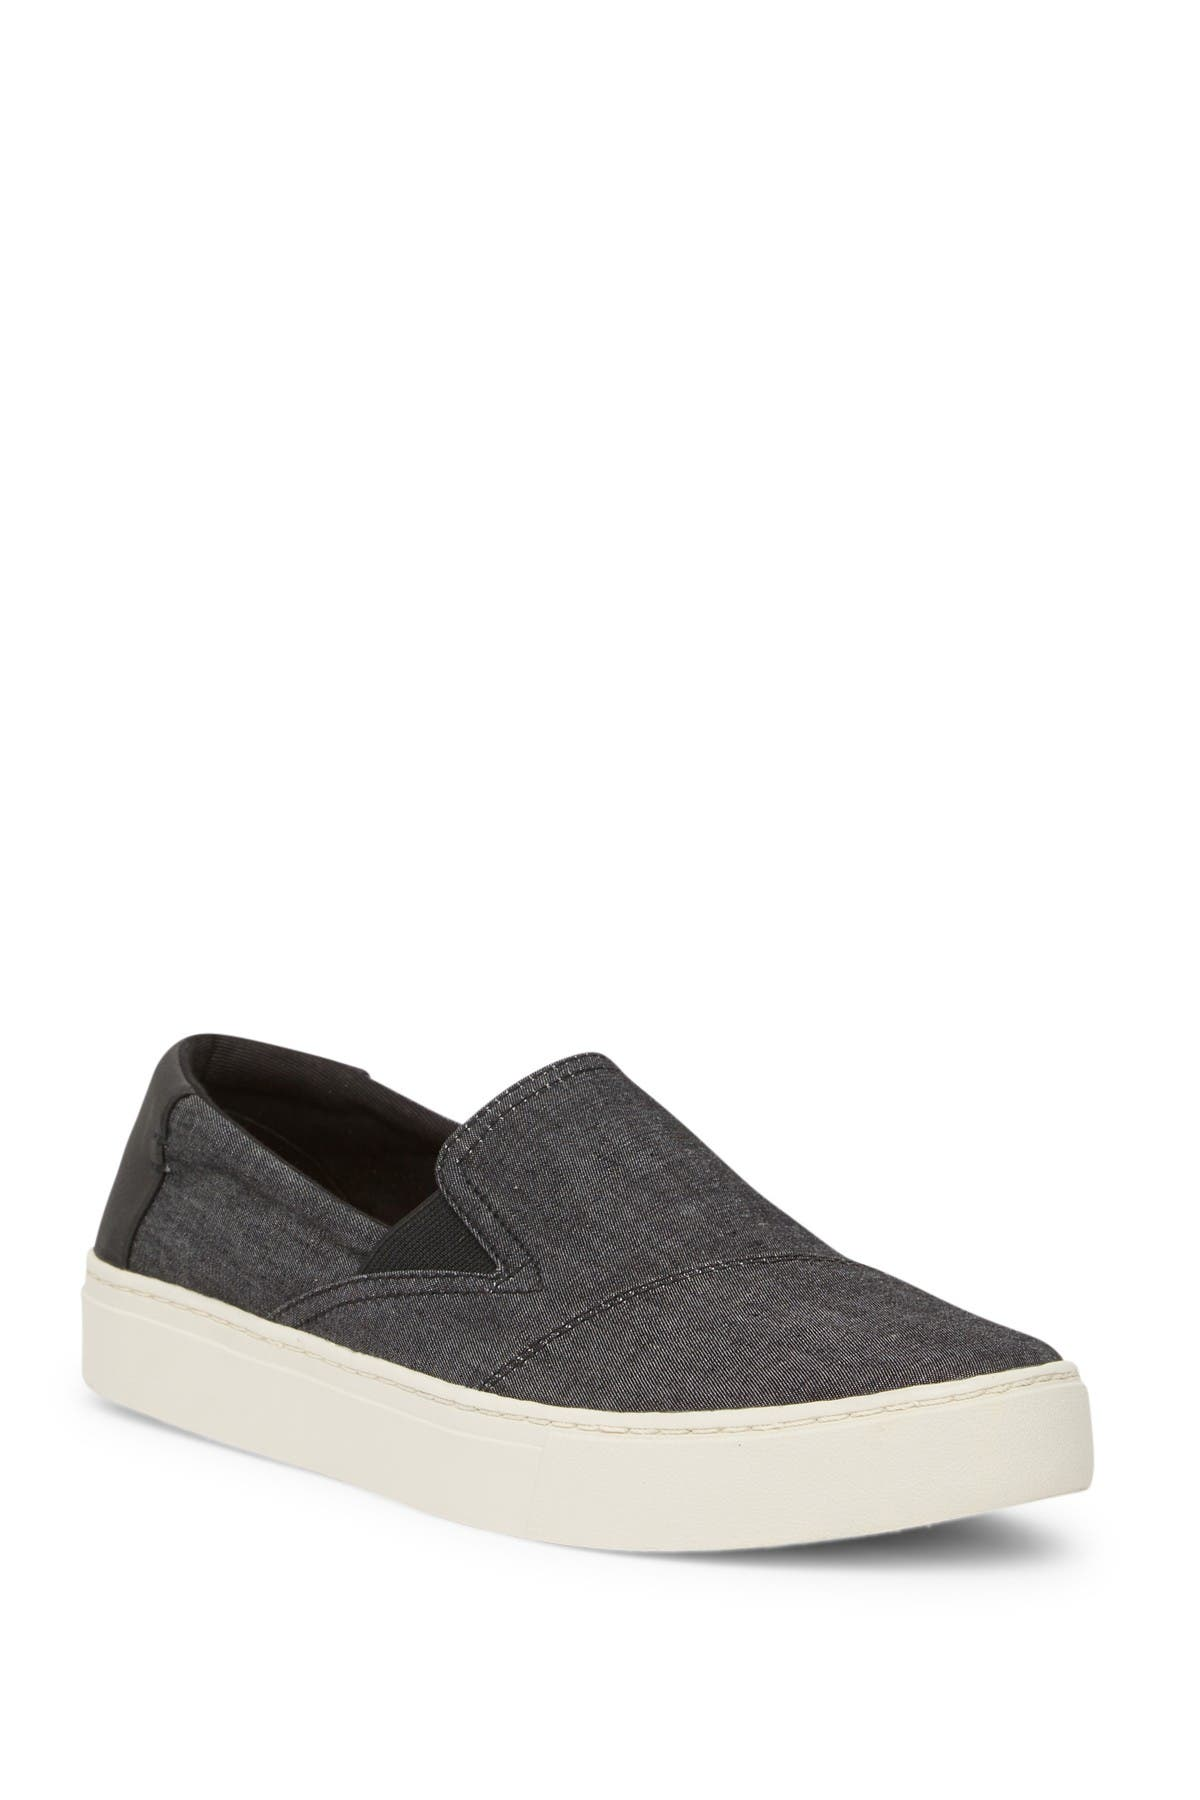 TOMS   Luca Chambray Slip-On Sneaker